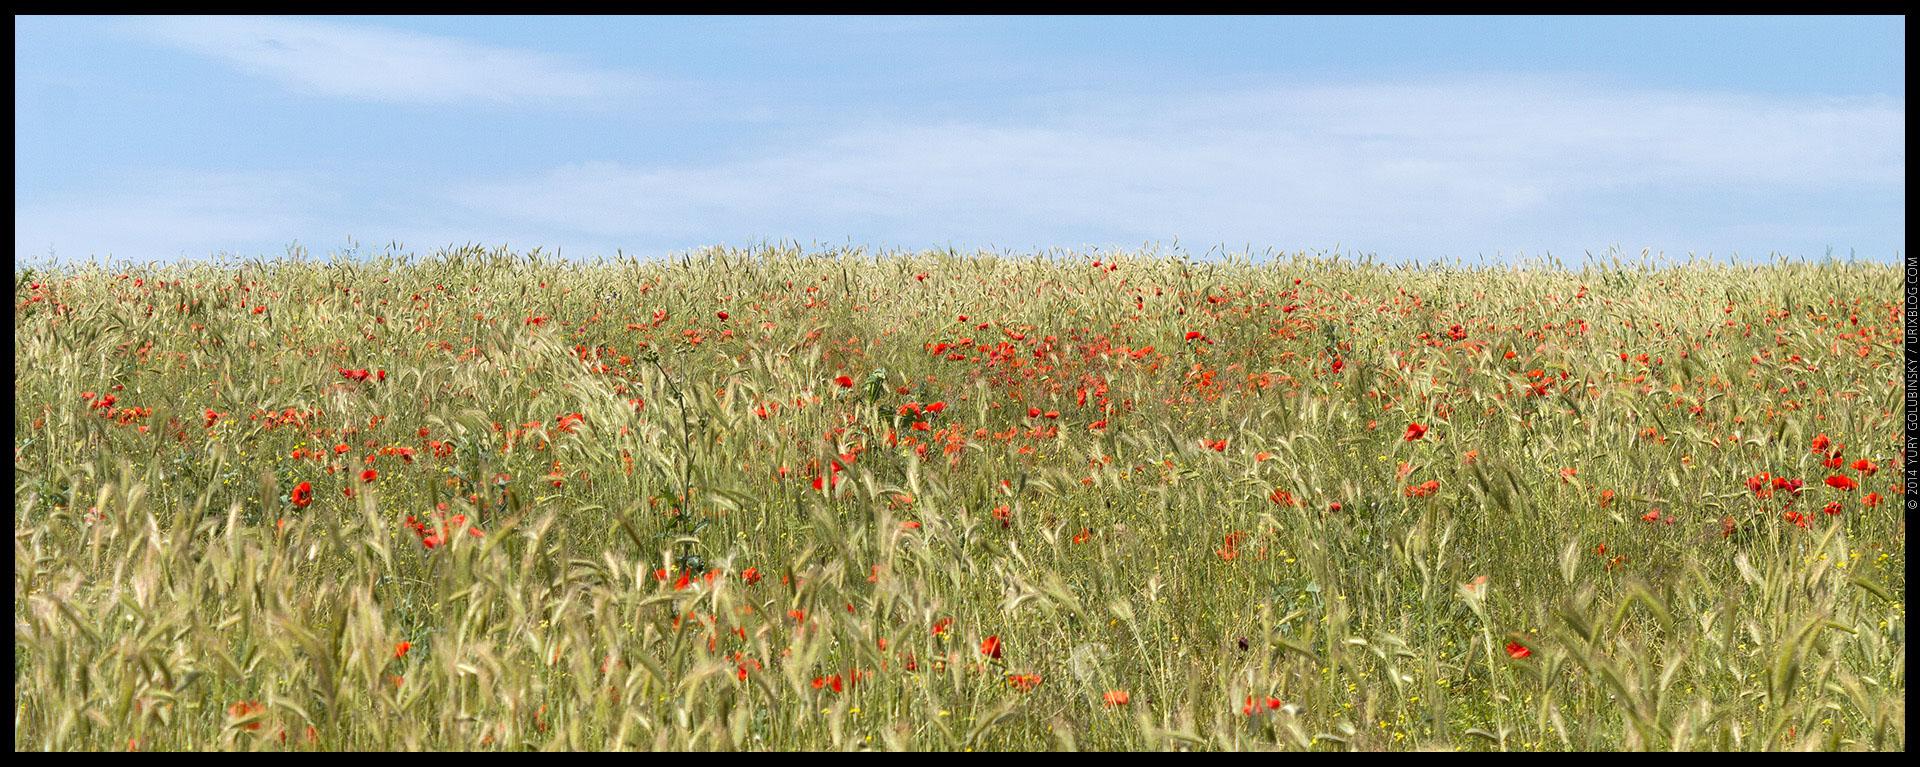 Crimea, Crimean penonsula, panorama, poppy, poppies, field, Simferopol, Russia, 2014, former Ukraine territory